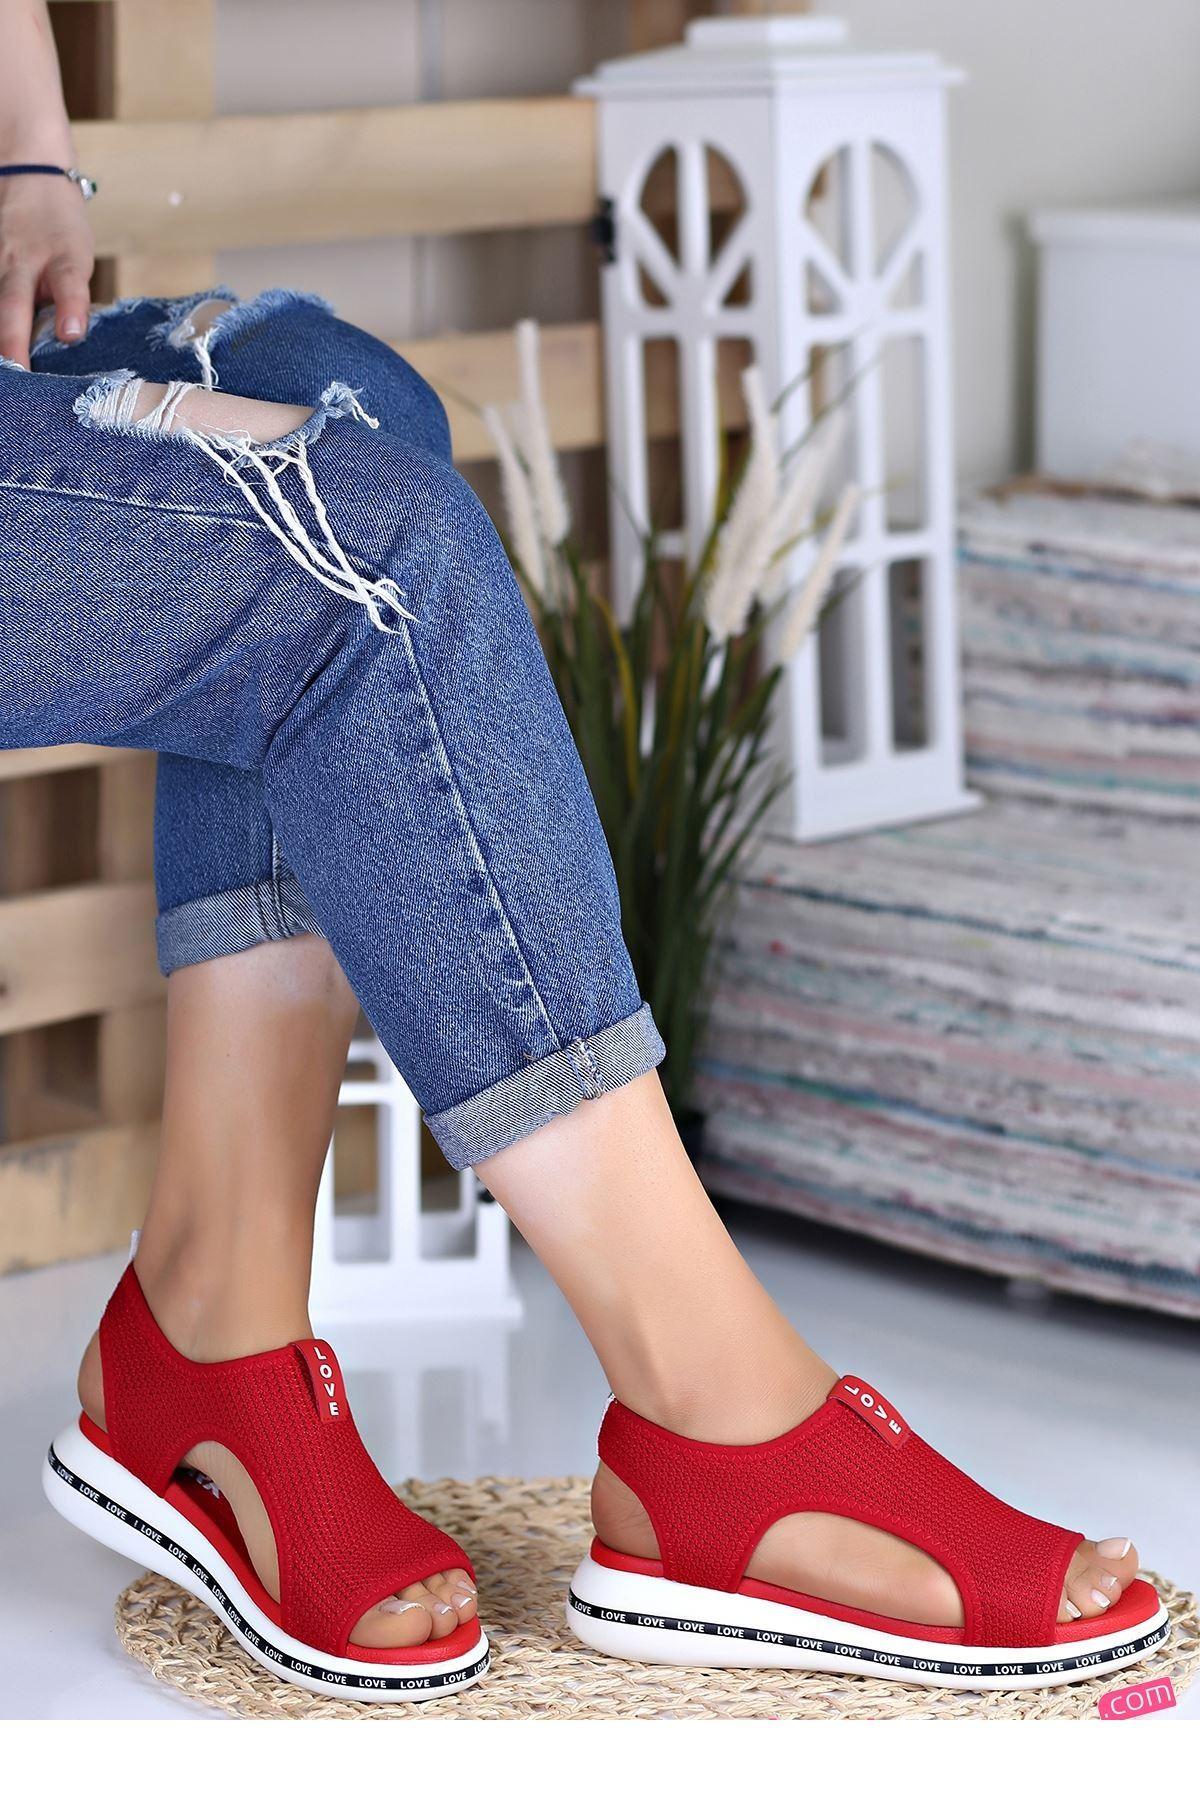 Verşan Kırmızı Ortapedik Bayan Spor Ayakkabı